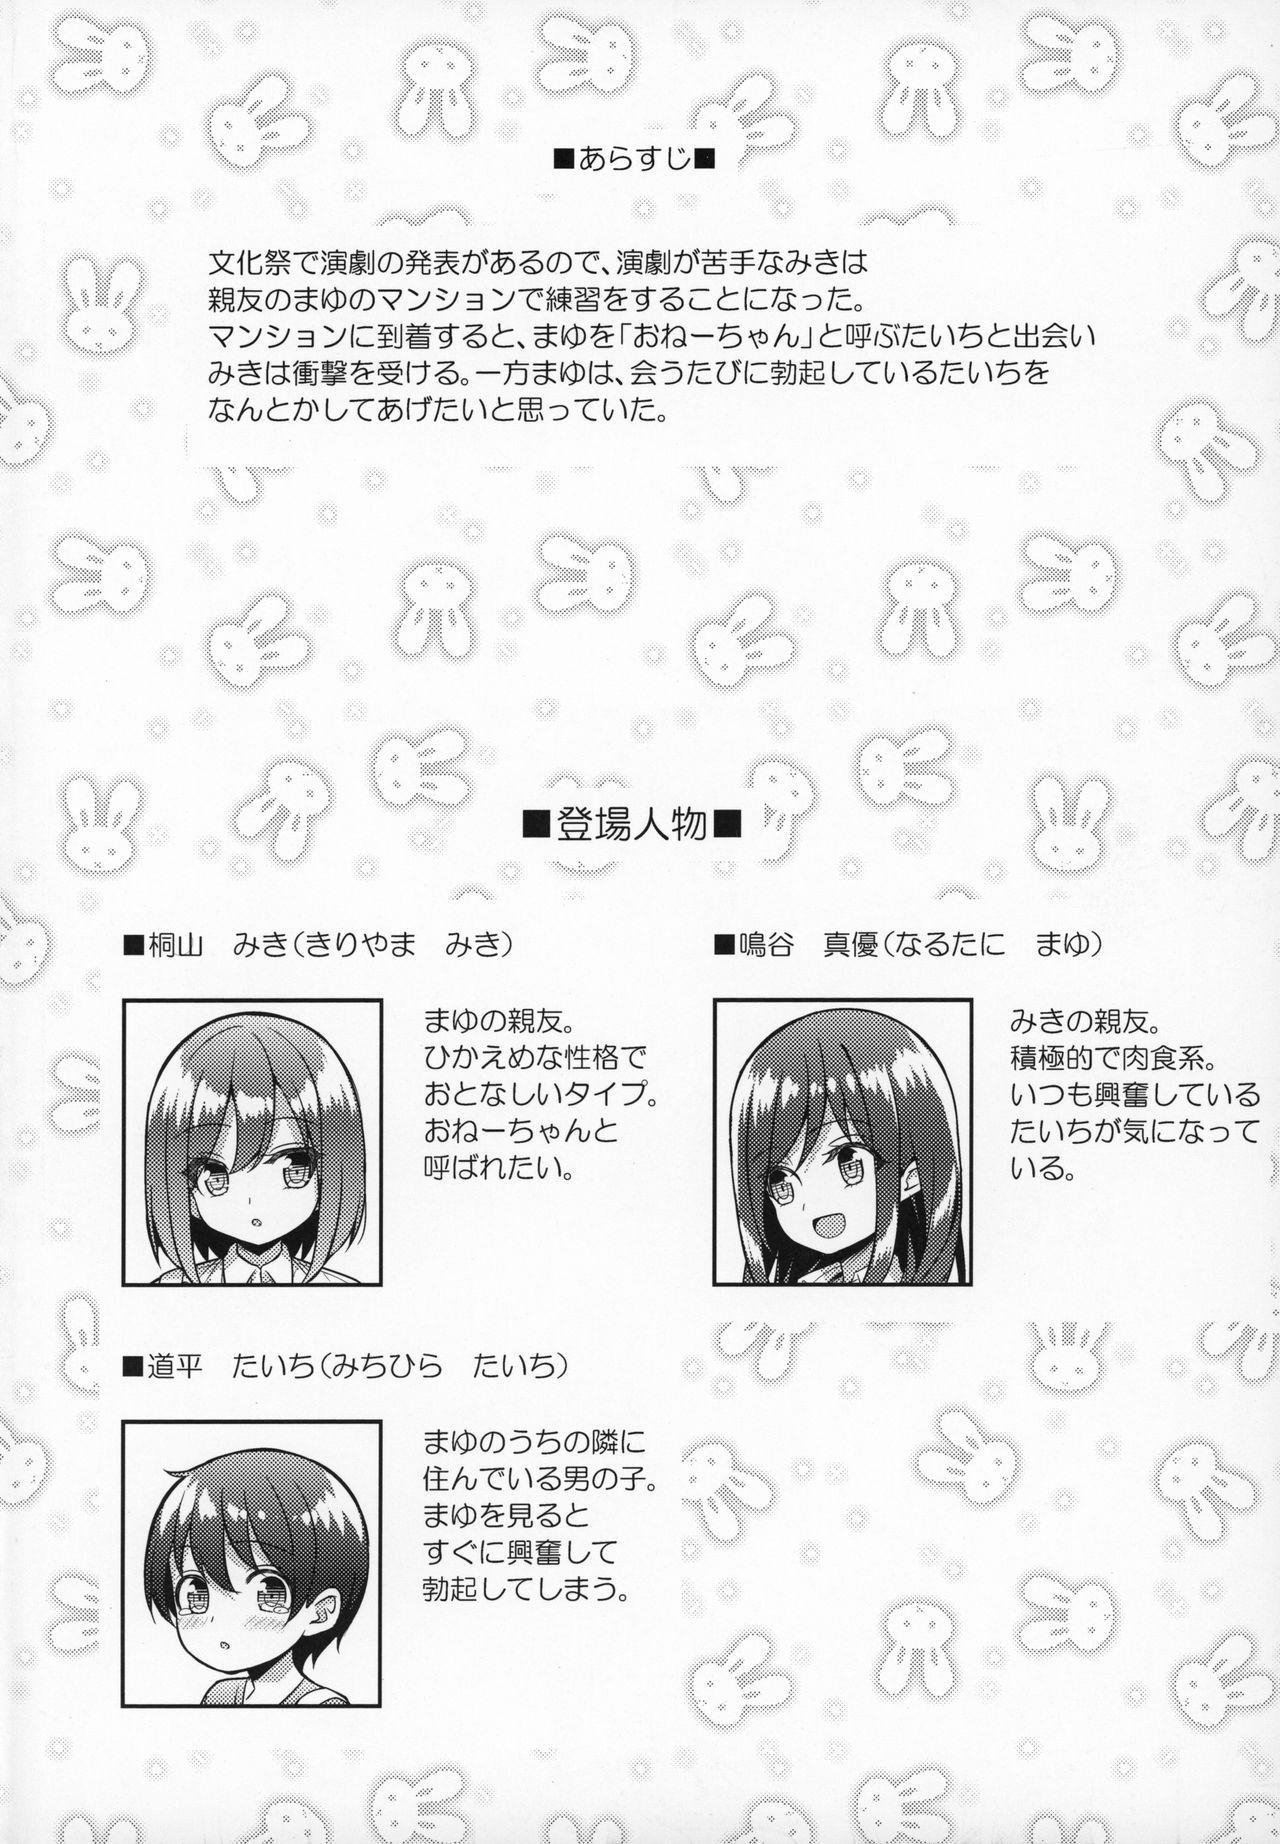 Kininaru Futari no Onee-chan 2